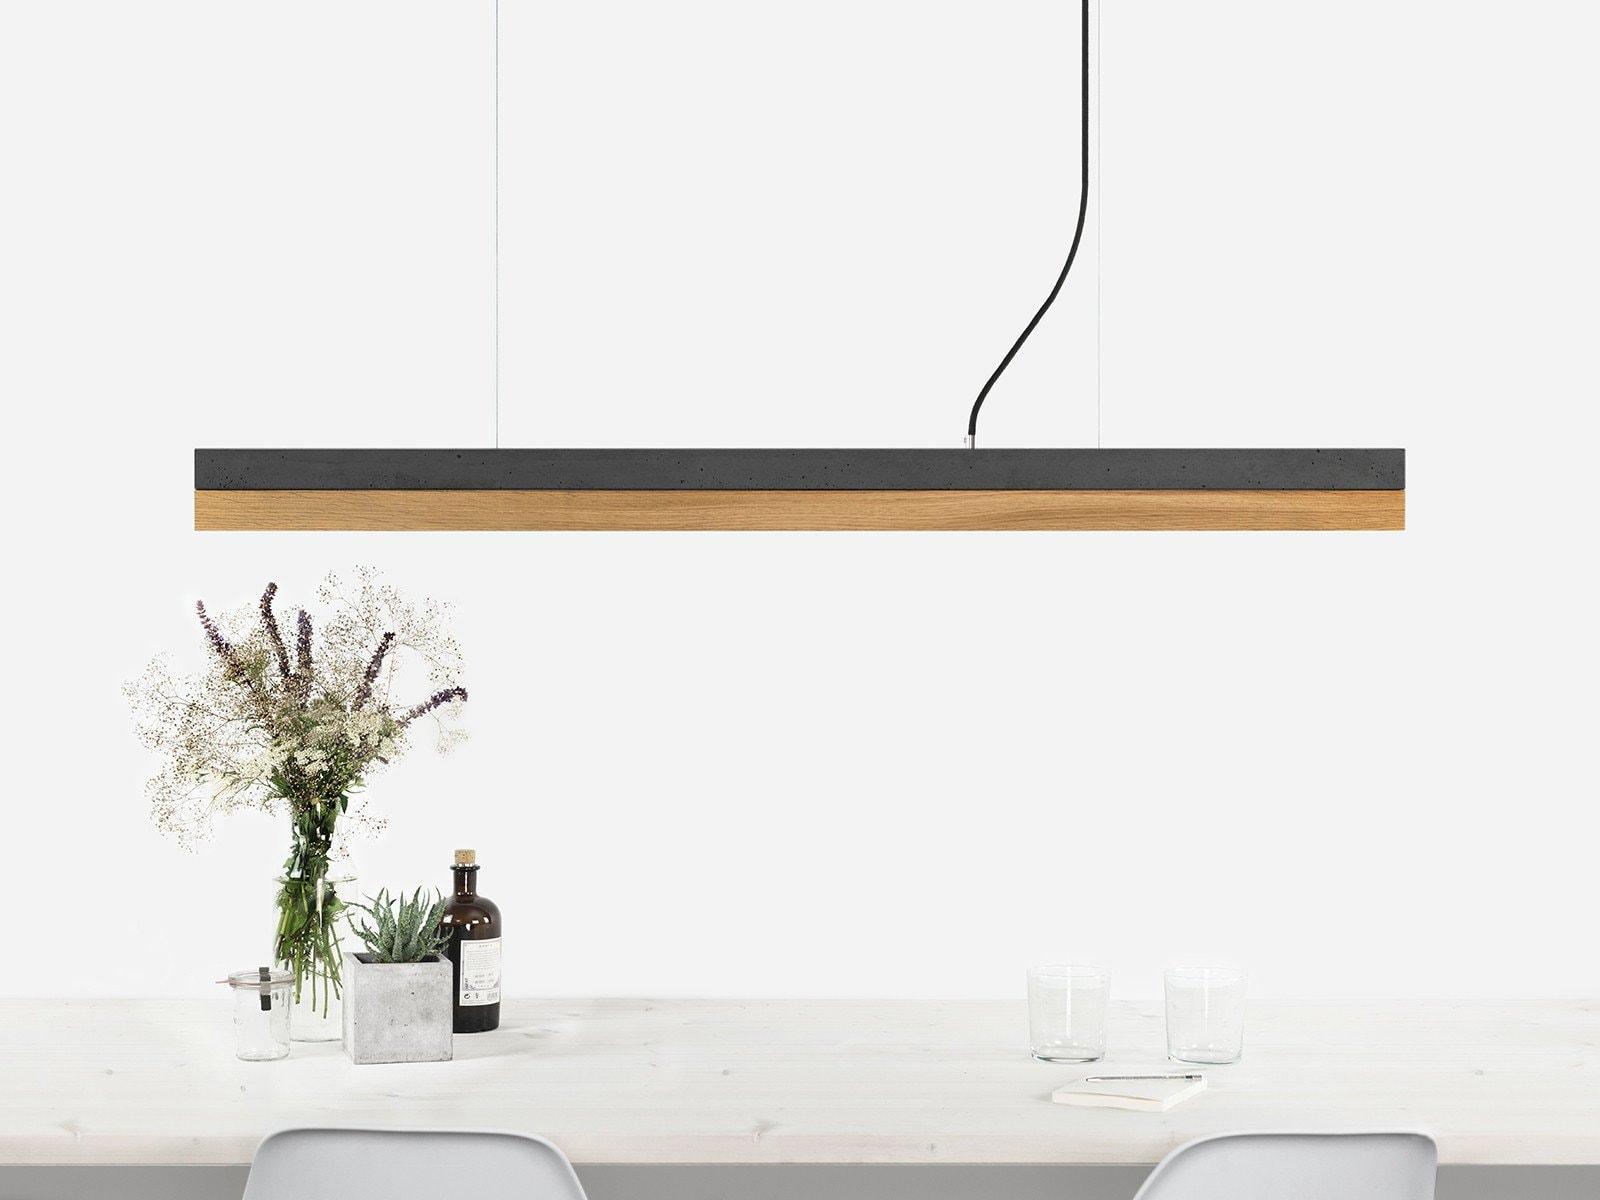 products 090916 C1 Beton dunkel Eiche Lampe ansicht uber Tisch